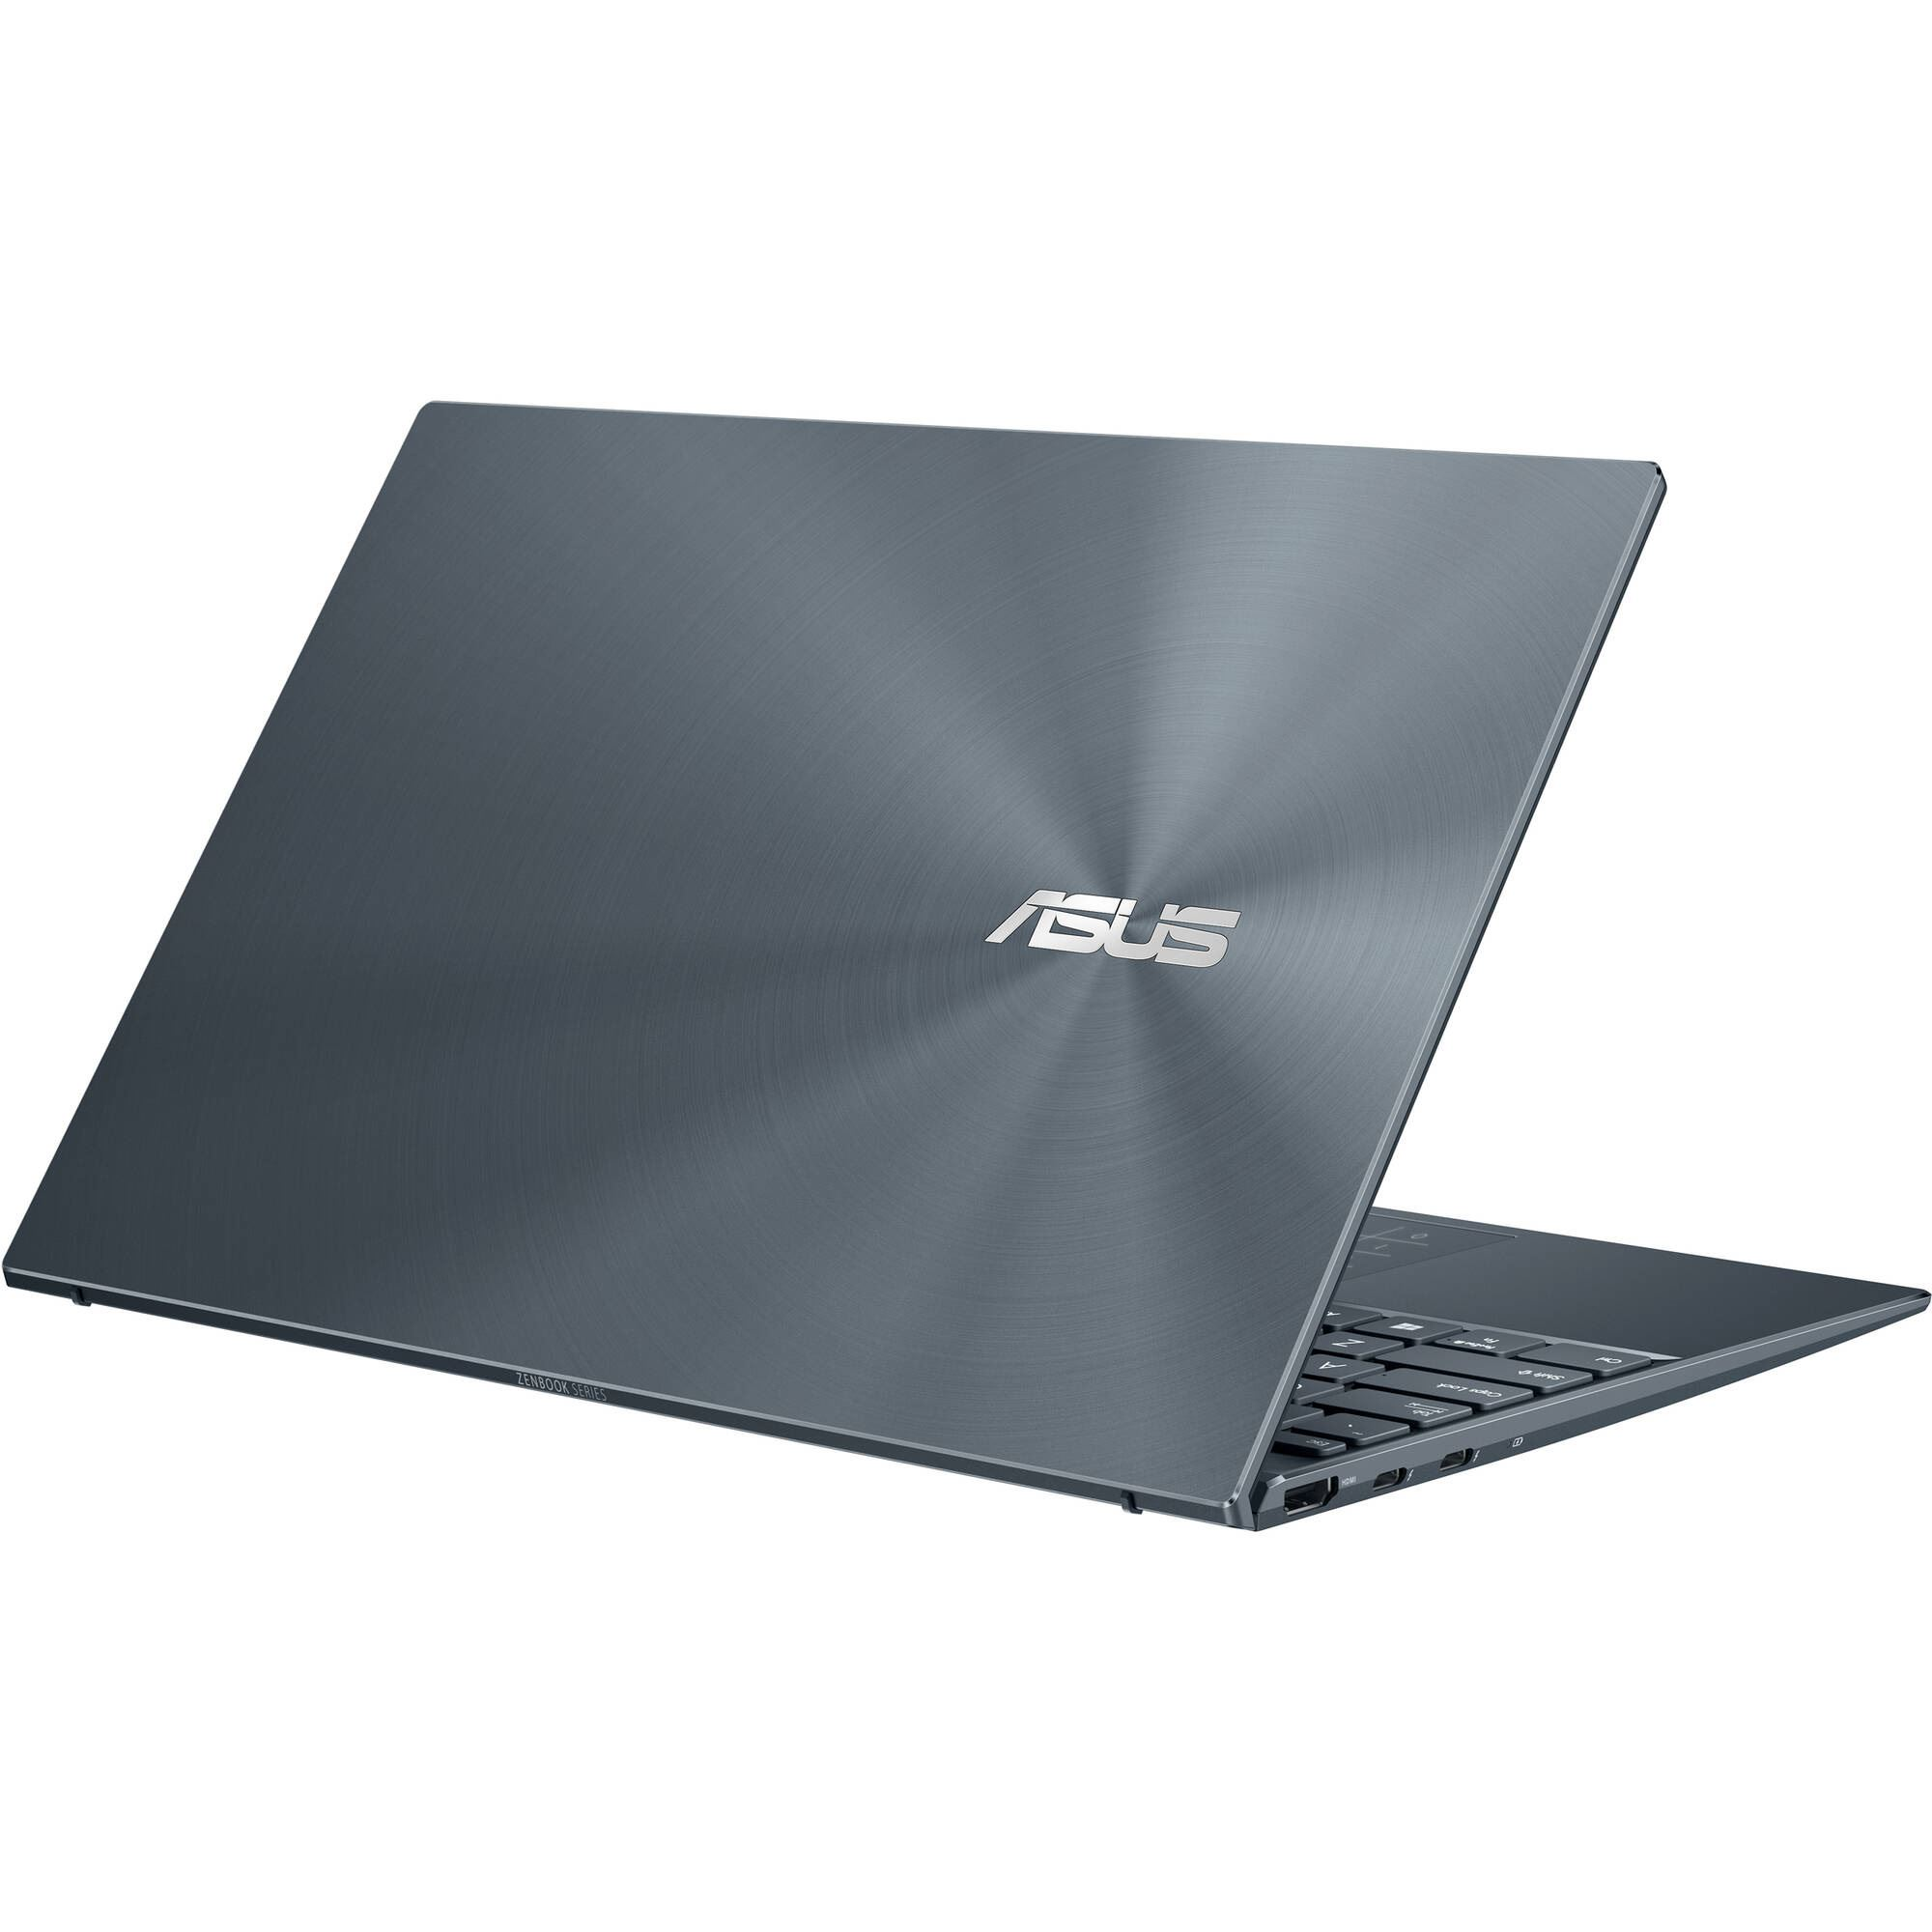 Laptop-Asus-UX325-Grey-7